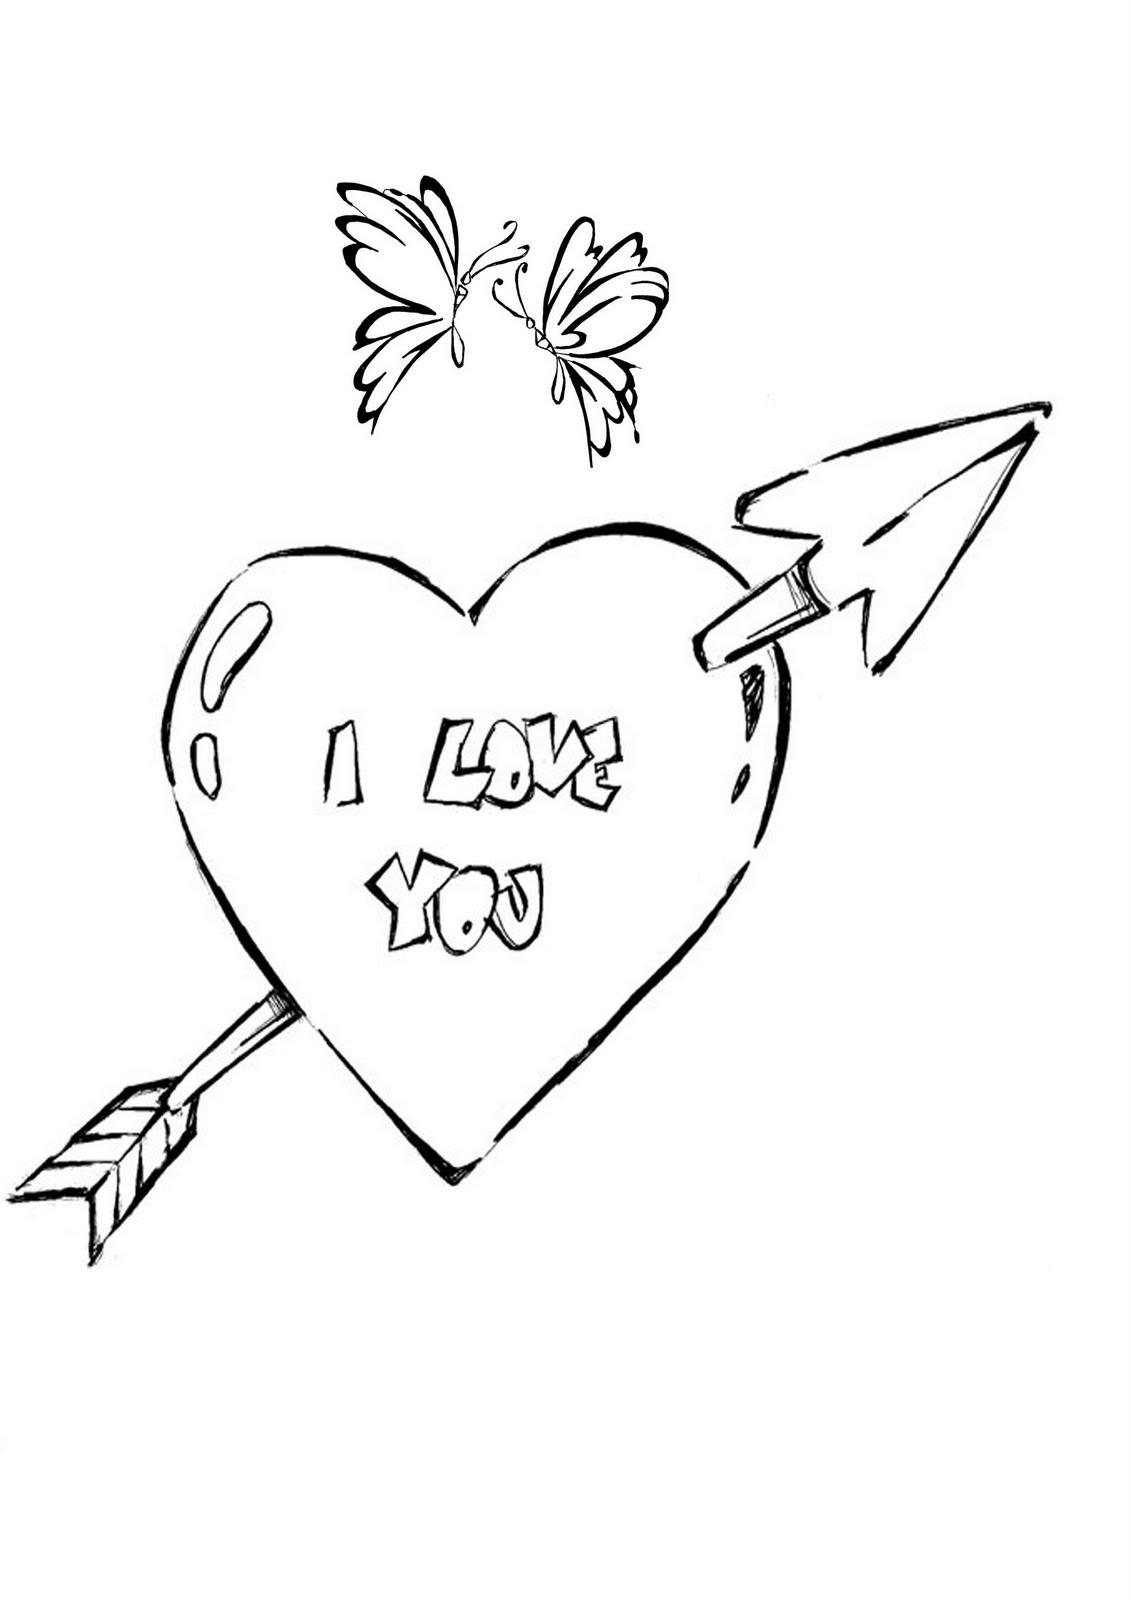 imagens para colorir coração - Desenhos de Corações para Colorir Colorir